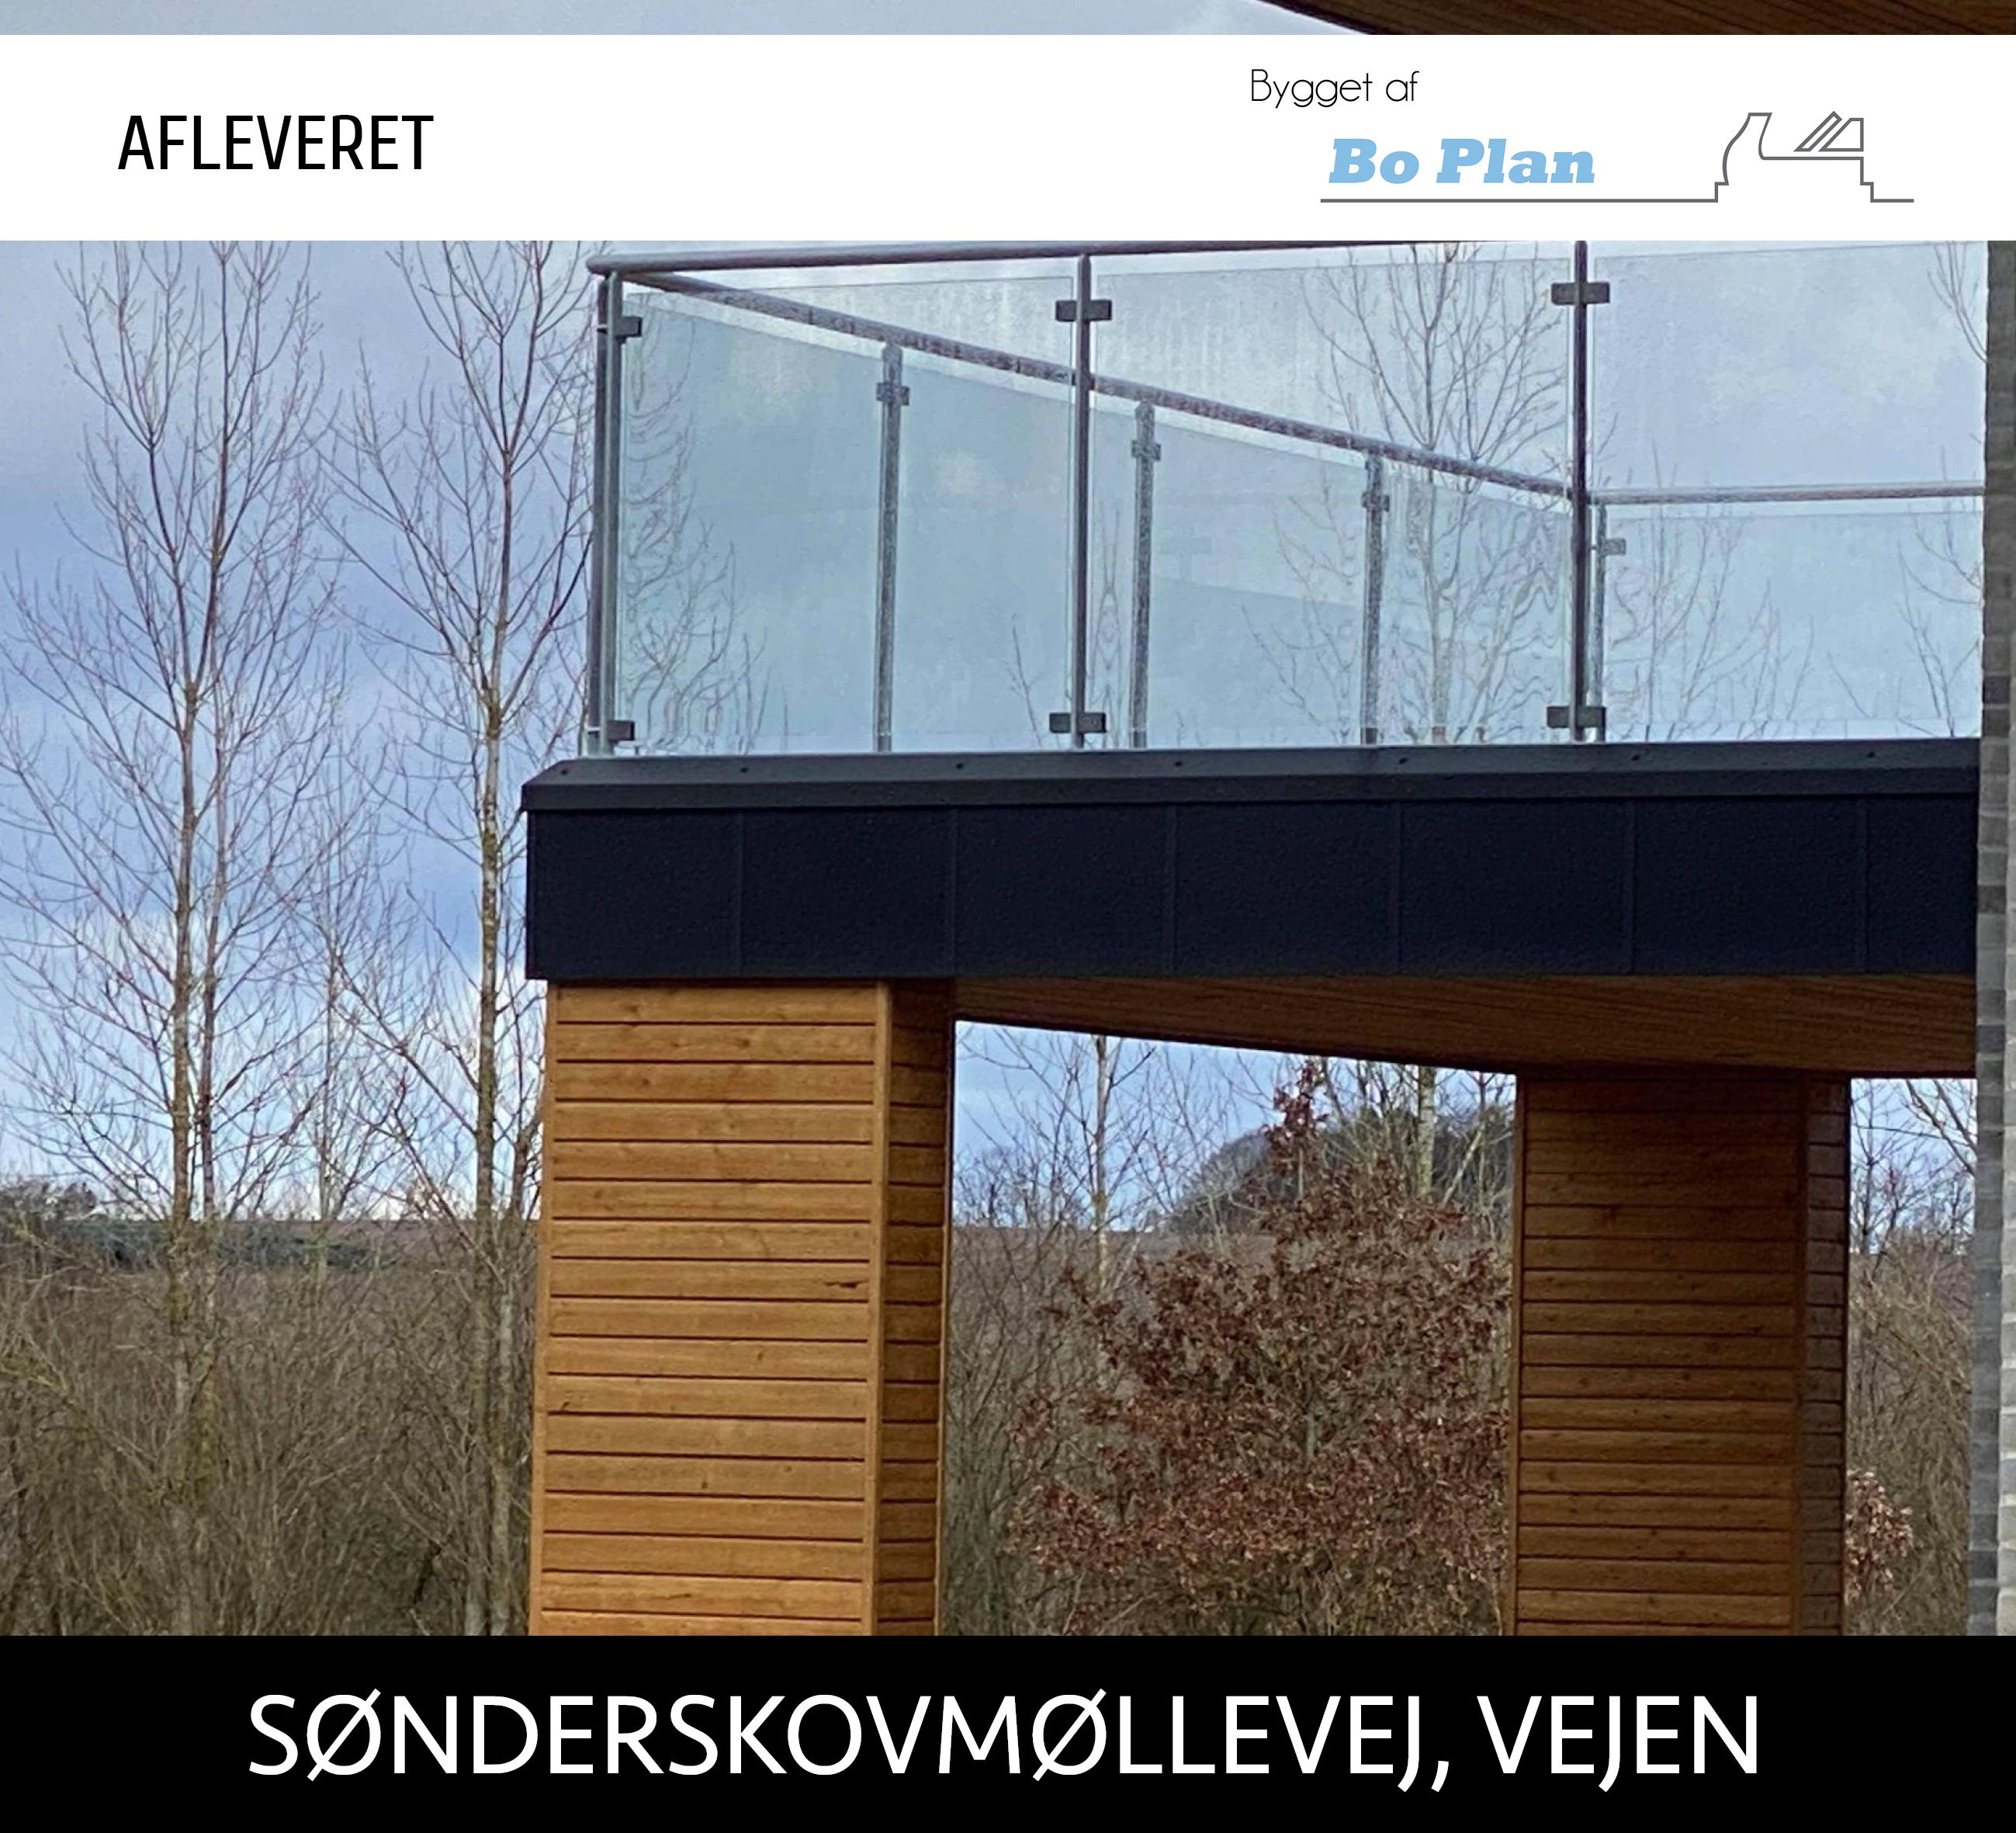 Sønderskovmøllevej,Vejen_afleveret6